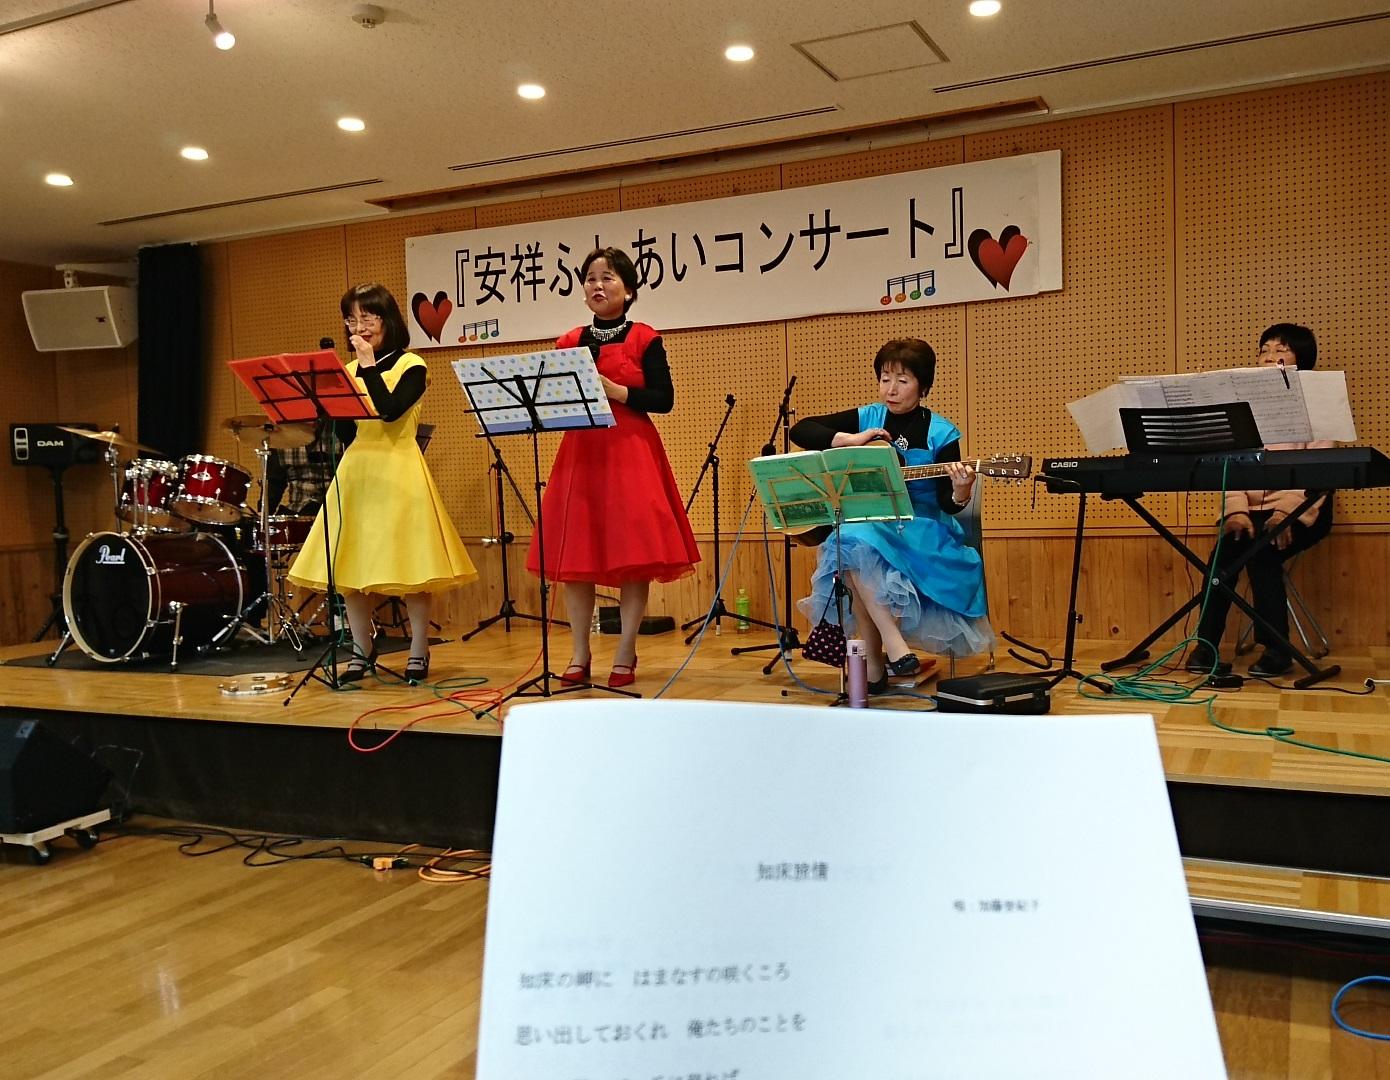 2018.1.27 古井新町ふれあいバンド (11) 知床旅情 1390-1080